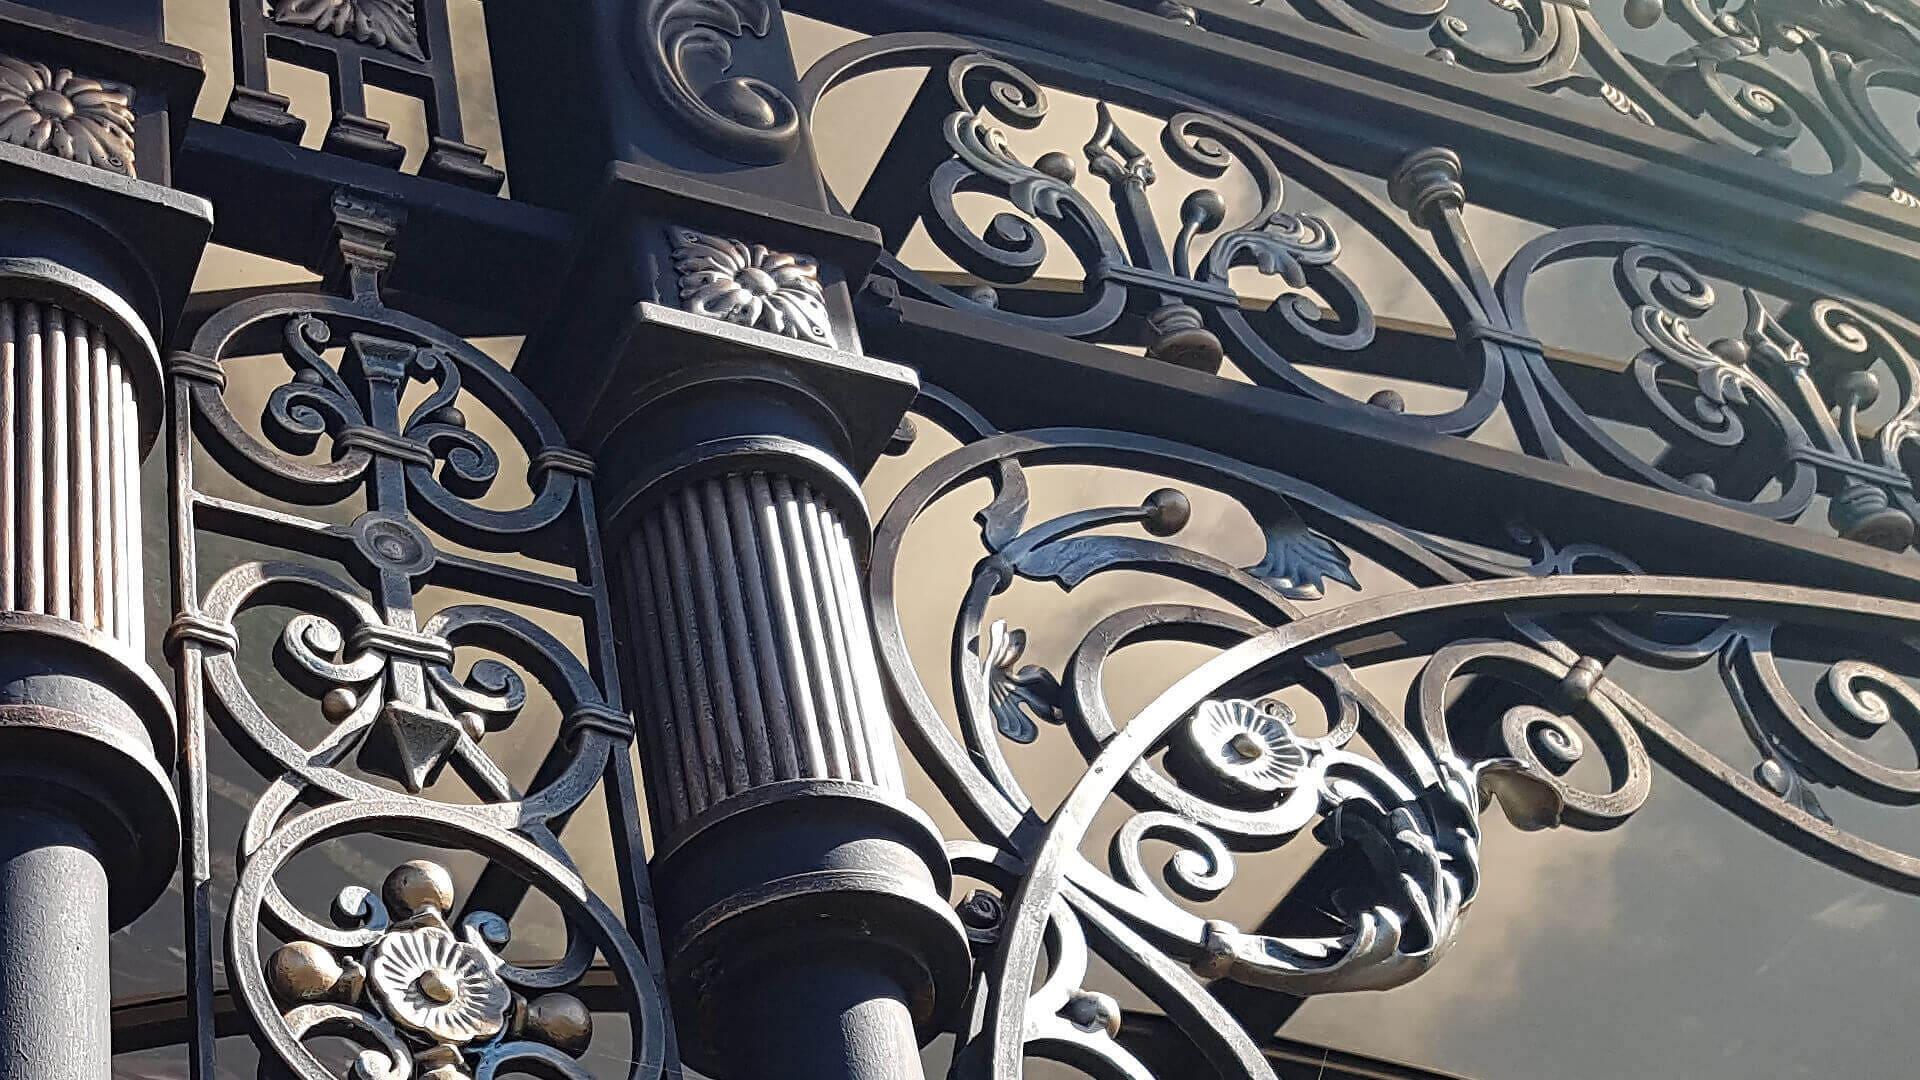 Художественная ковка Киев. Заказать кованые ворота лестницы, мастерская. Компания по производству кованых изделий в Киеве